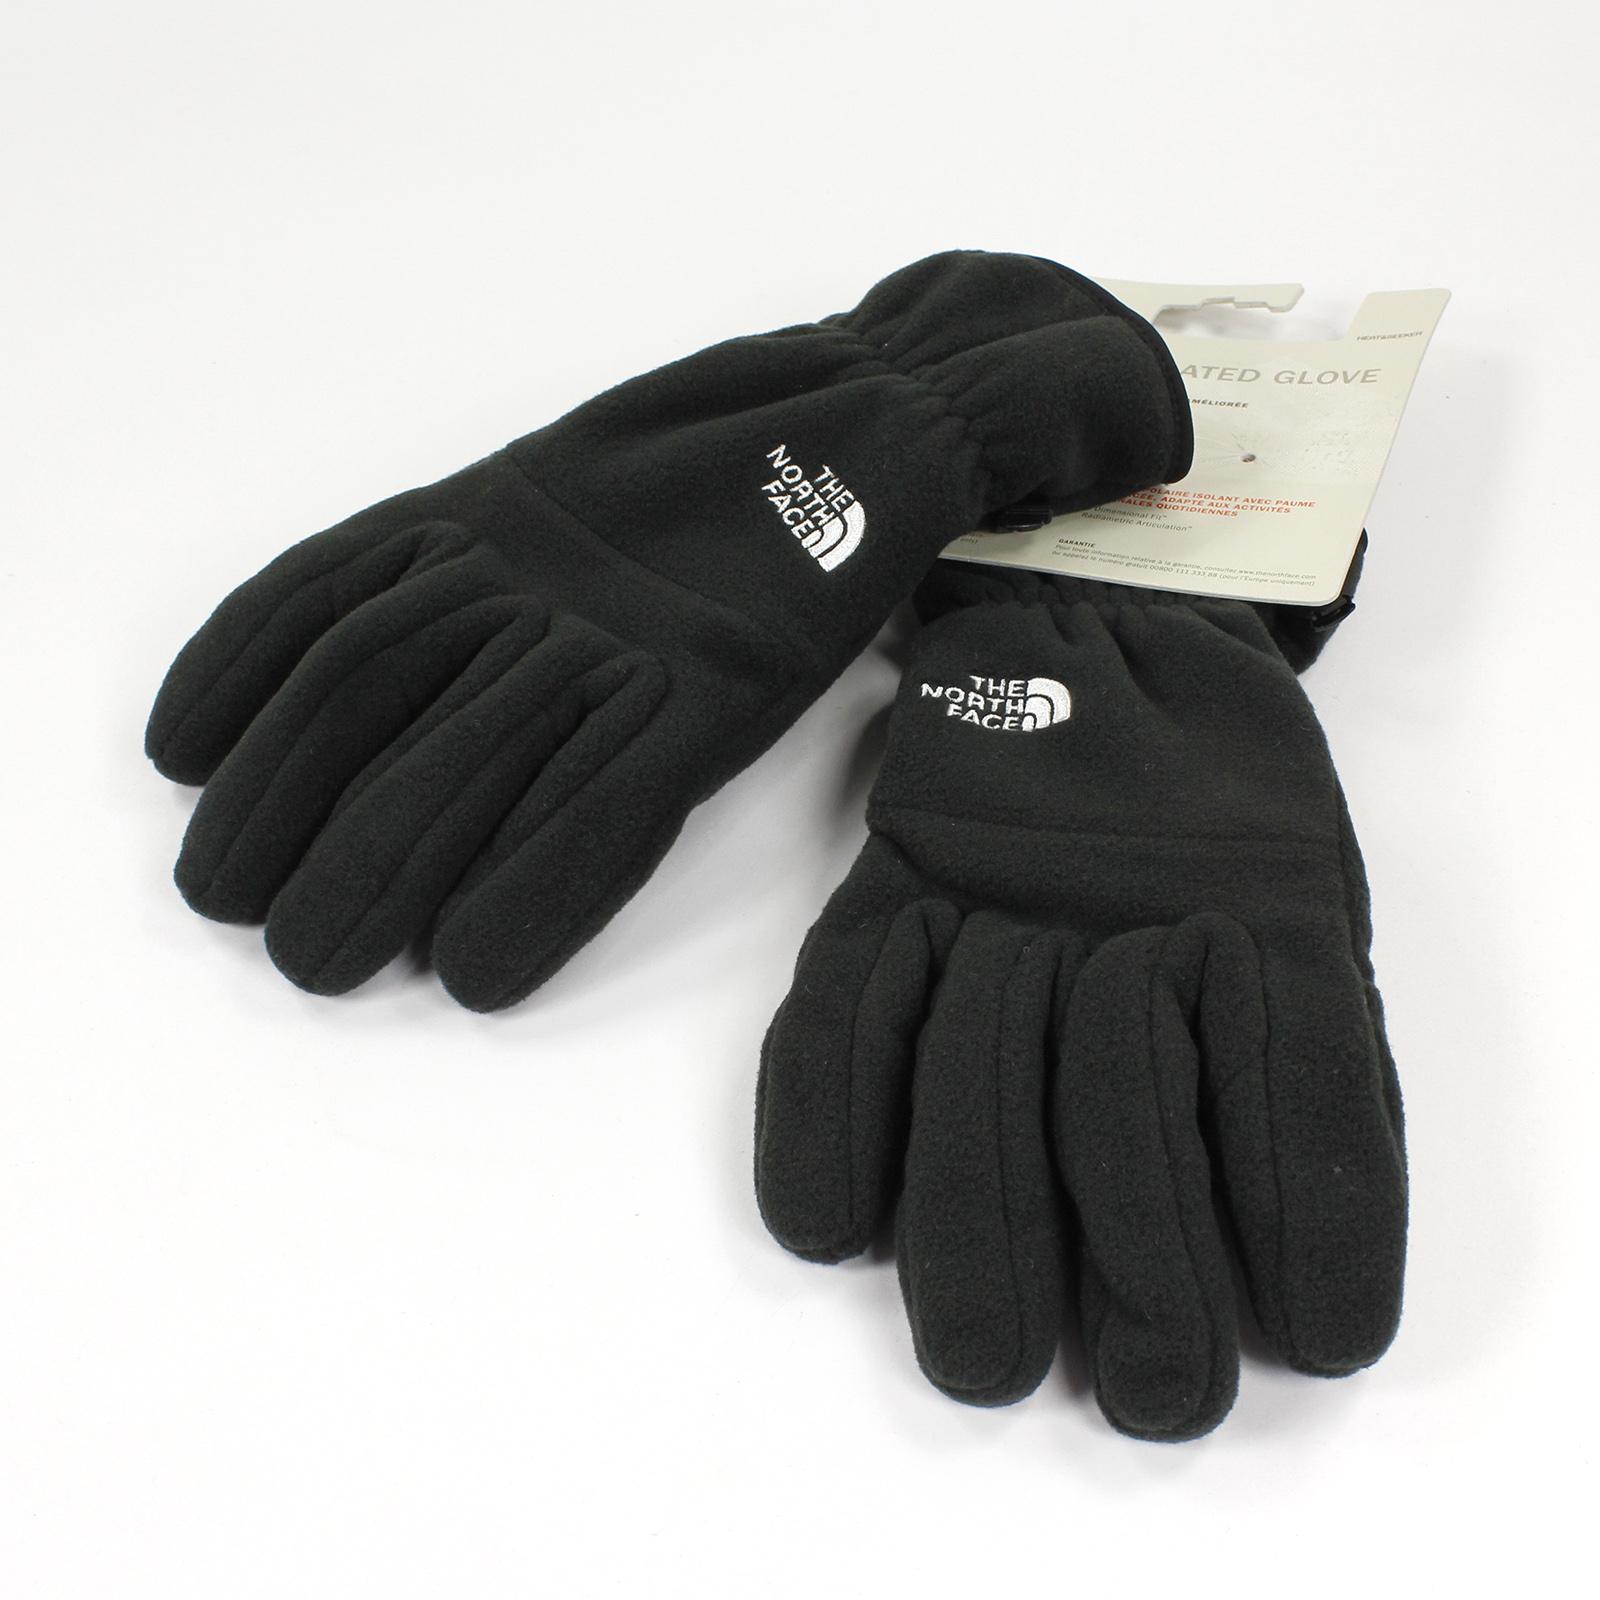 美國百分百【The North Face 】手套 TNF 男 北臉 黑色 隔熱 保暖 滑雪 羊毛 S M L E380